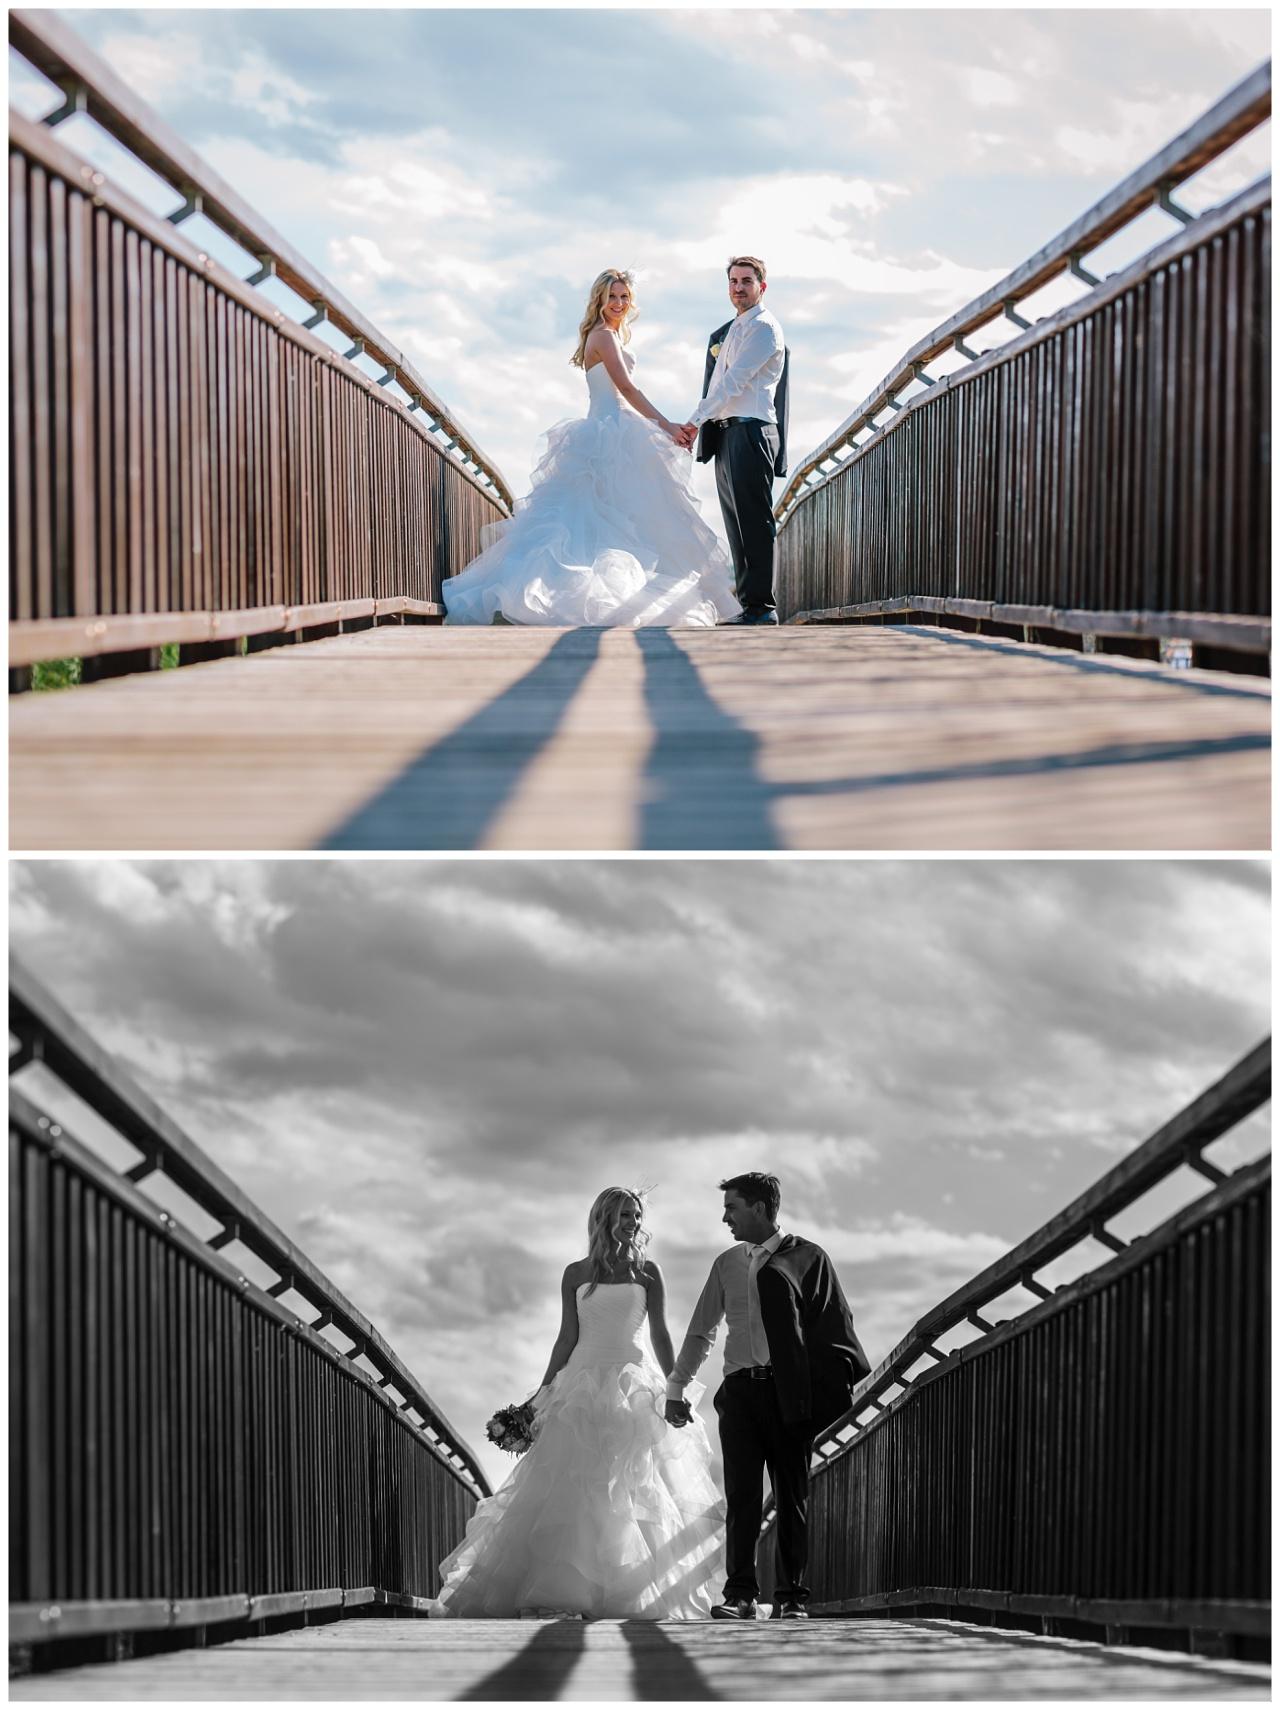 Hochzeitsfotograf Wien Blumengaerten Hirschstetten Jeanette und Guenter_0019